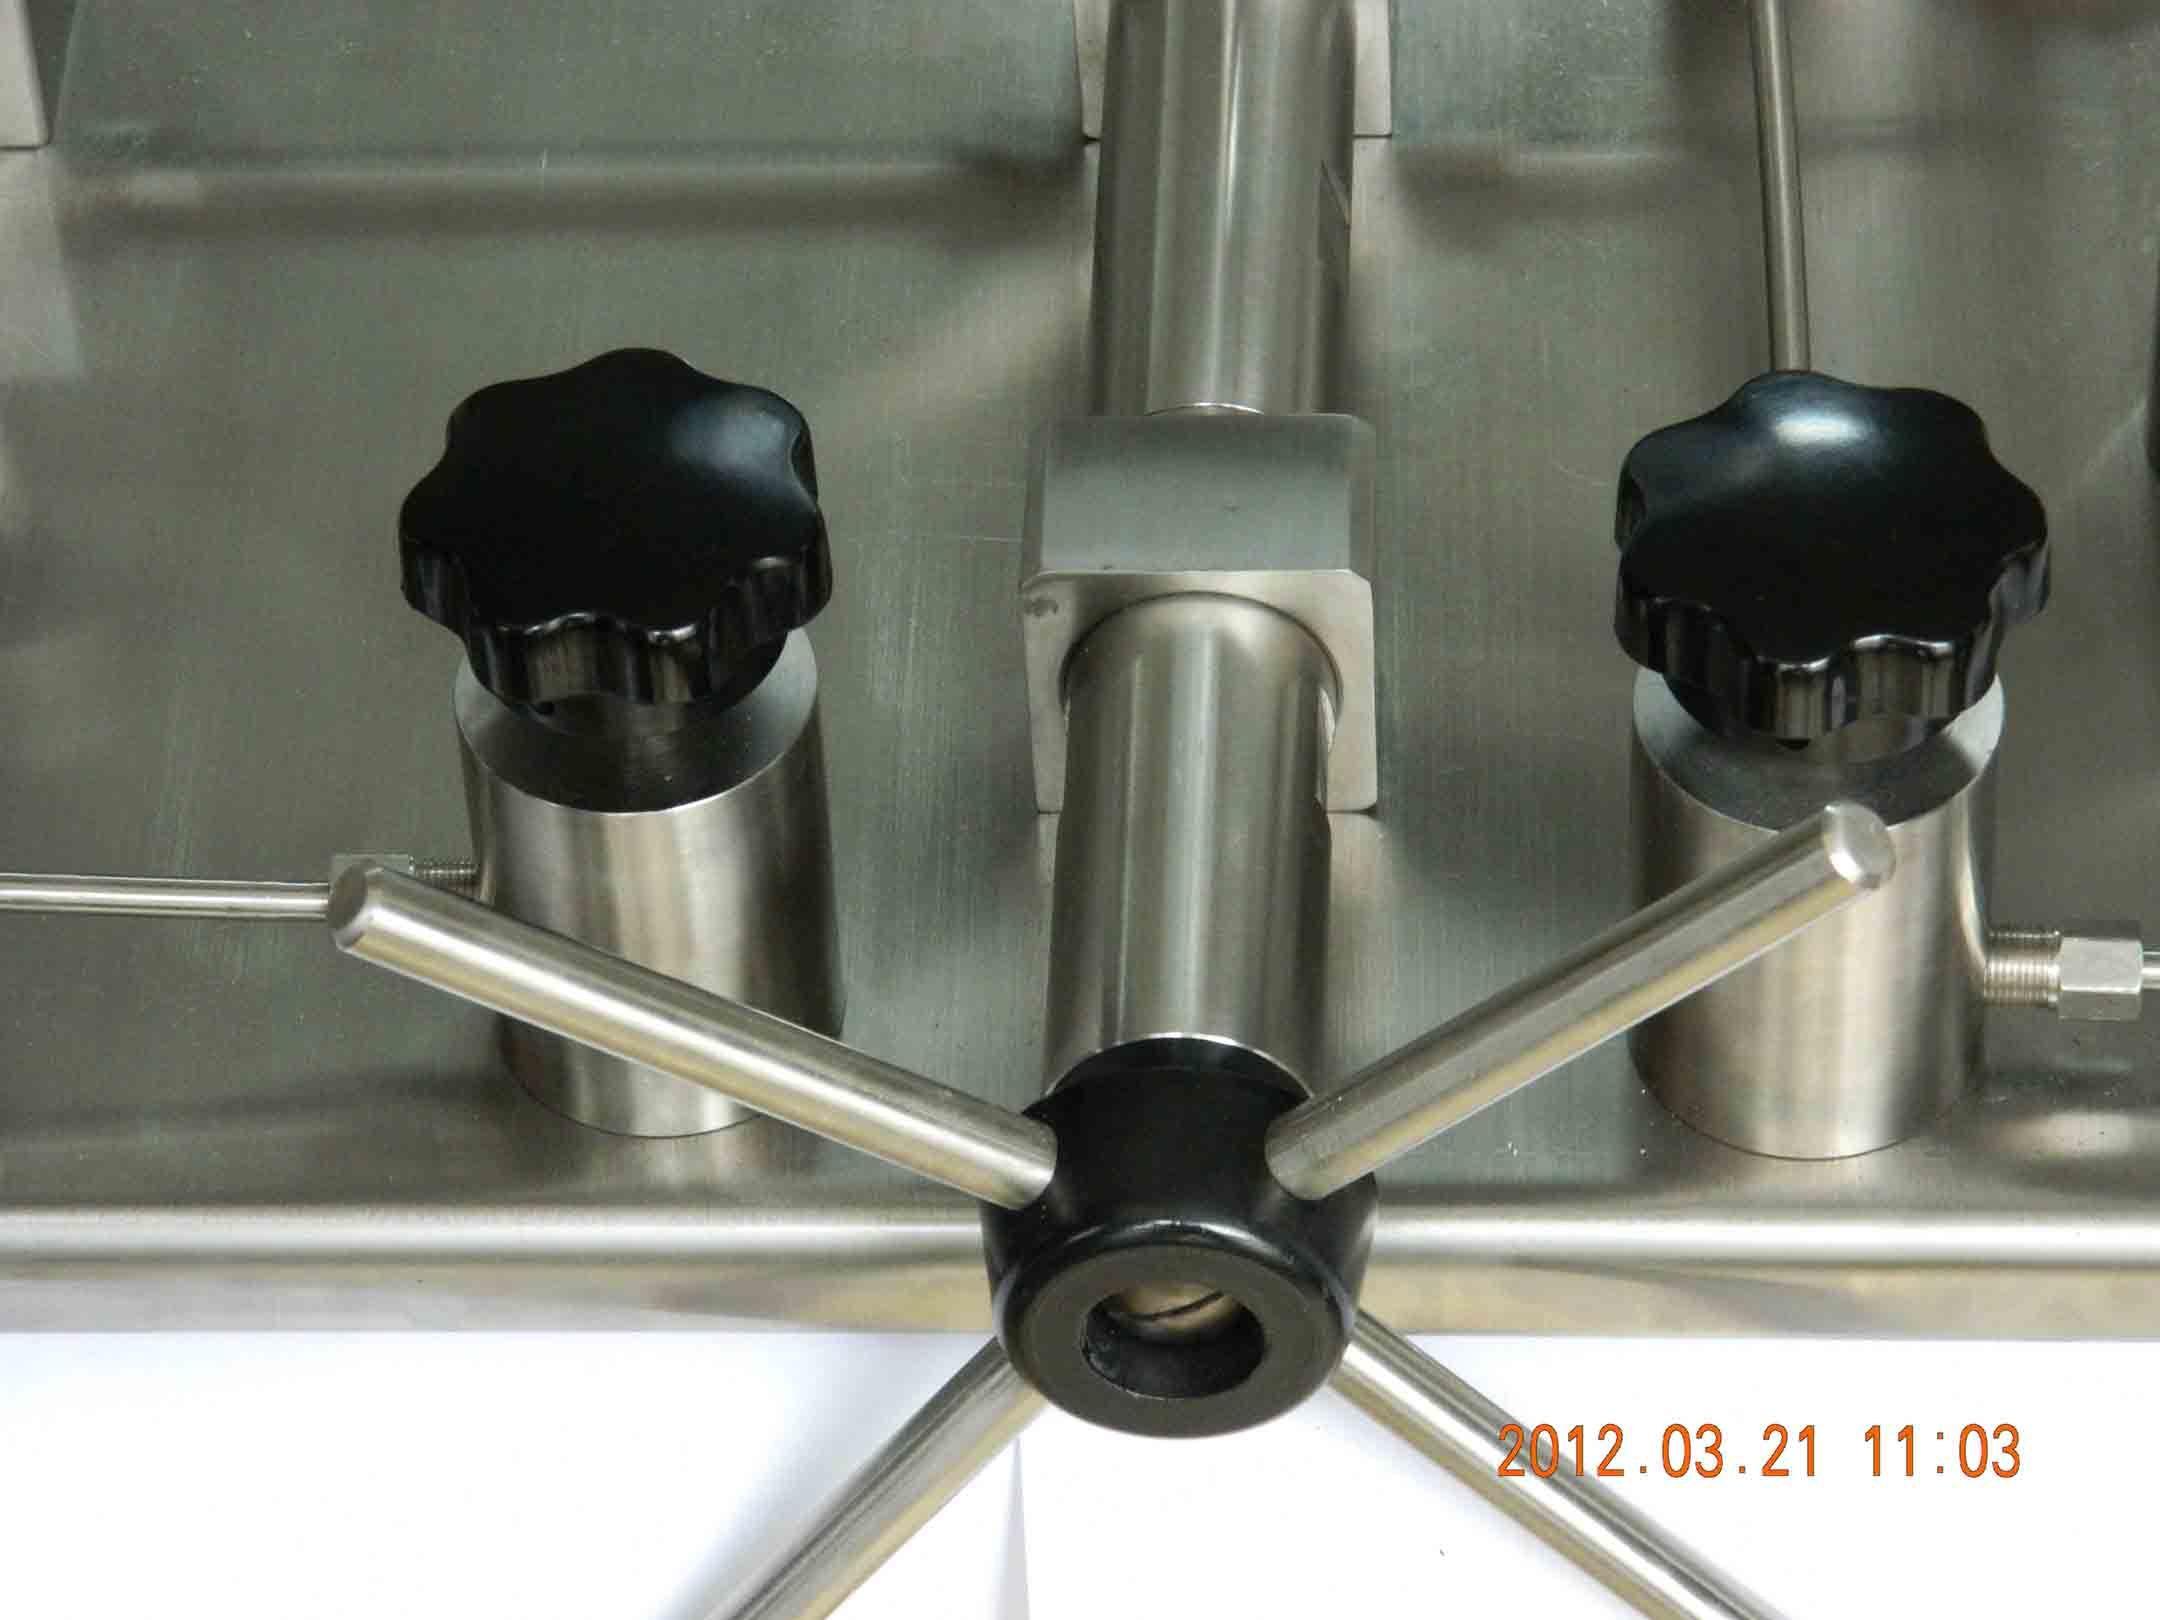 Kalibrierung des hydrostatischen Druck-XY-160 (Druck bis zu 1600bar)